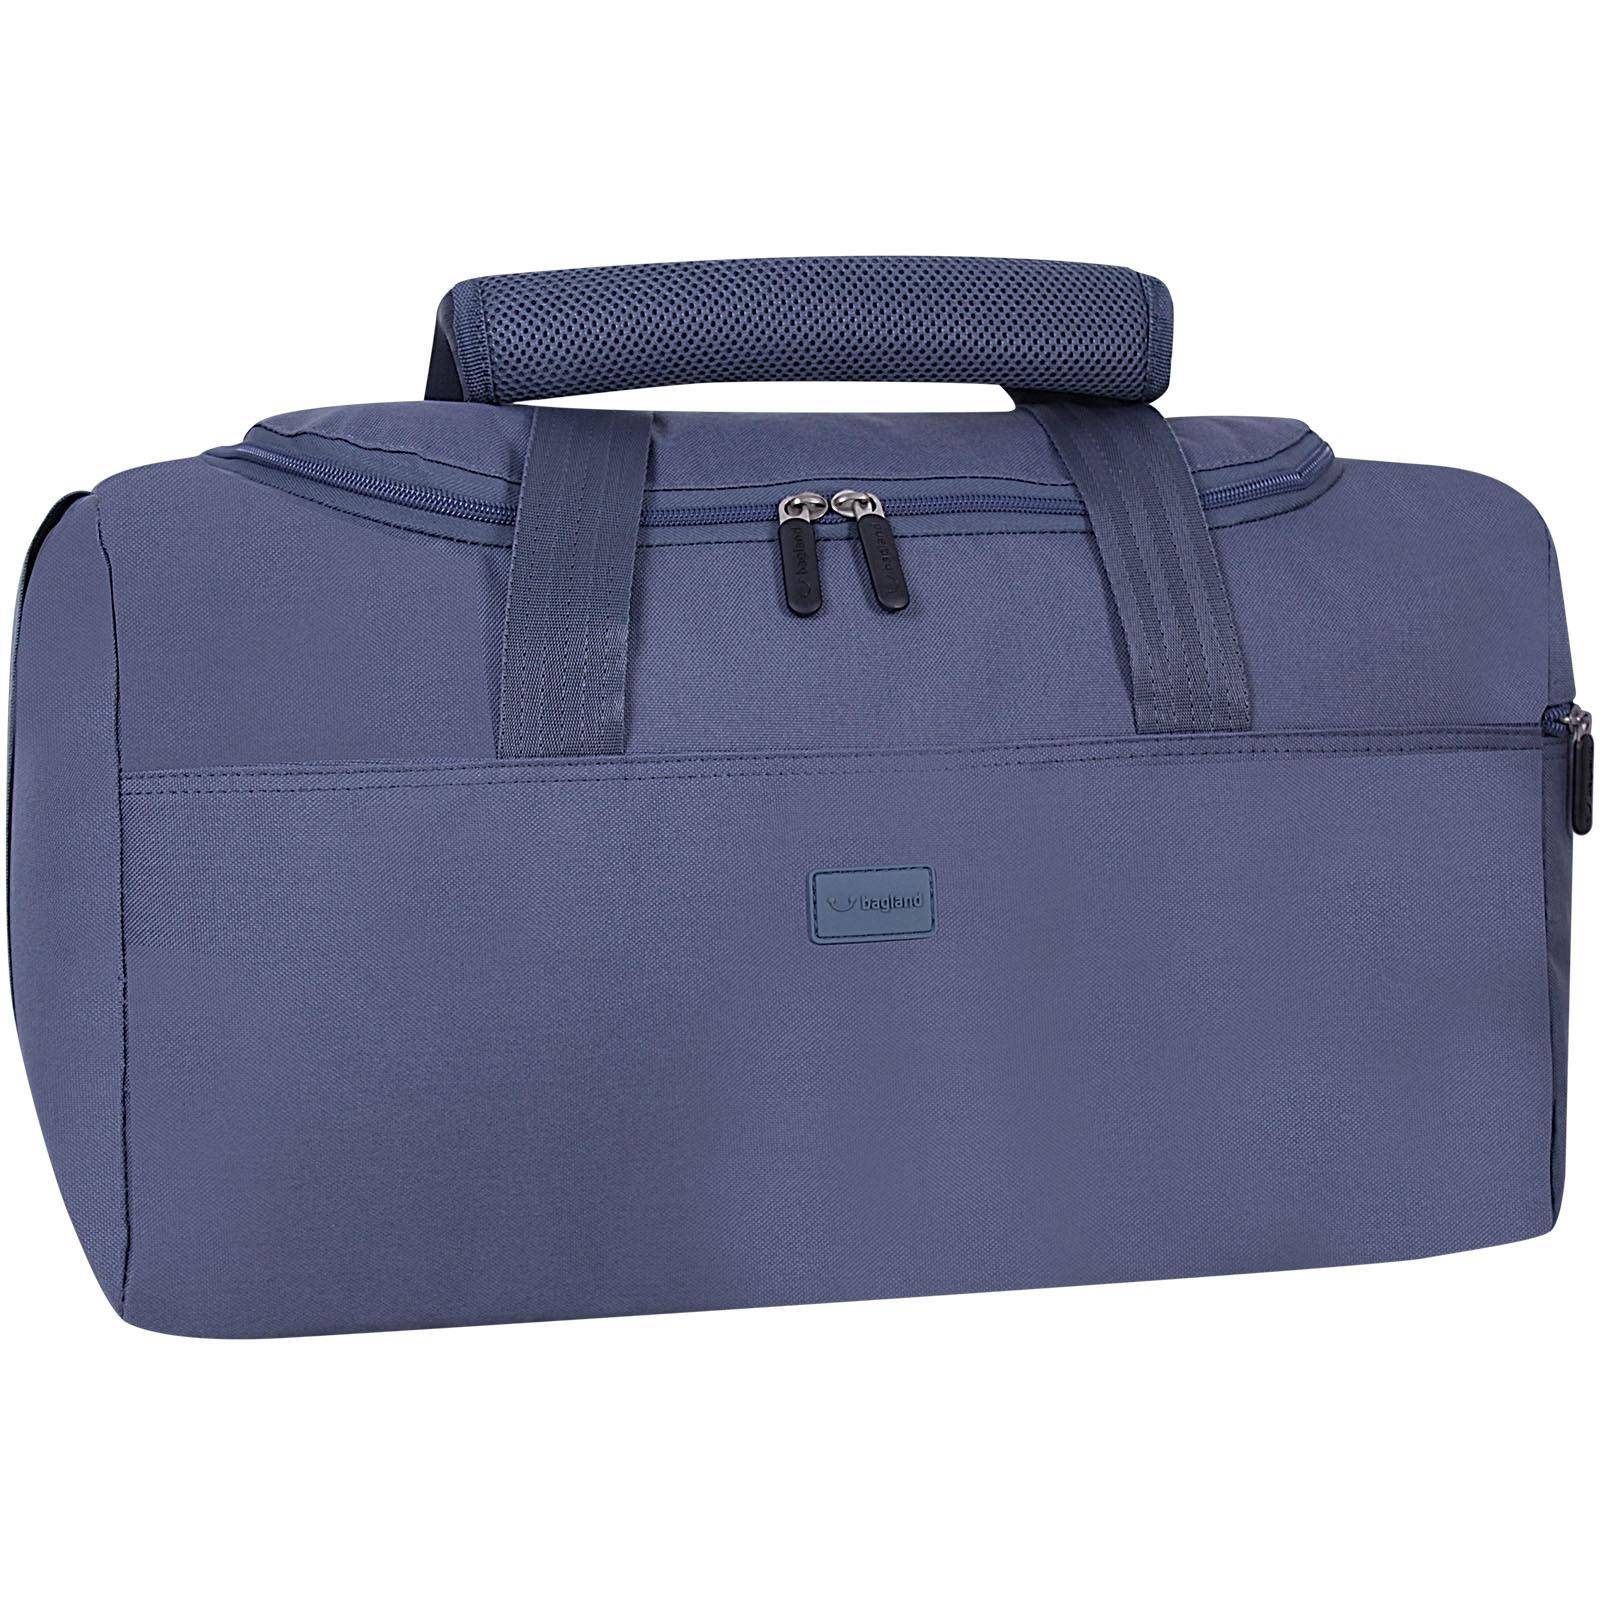 Дорожные сумки Сумка Bagland Boston 25 л. Серый (0037466) IMG_6069-1600.jpg